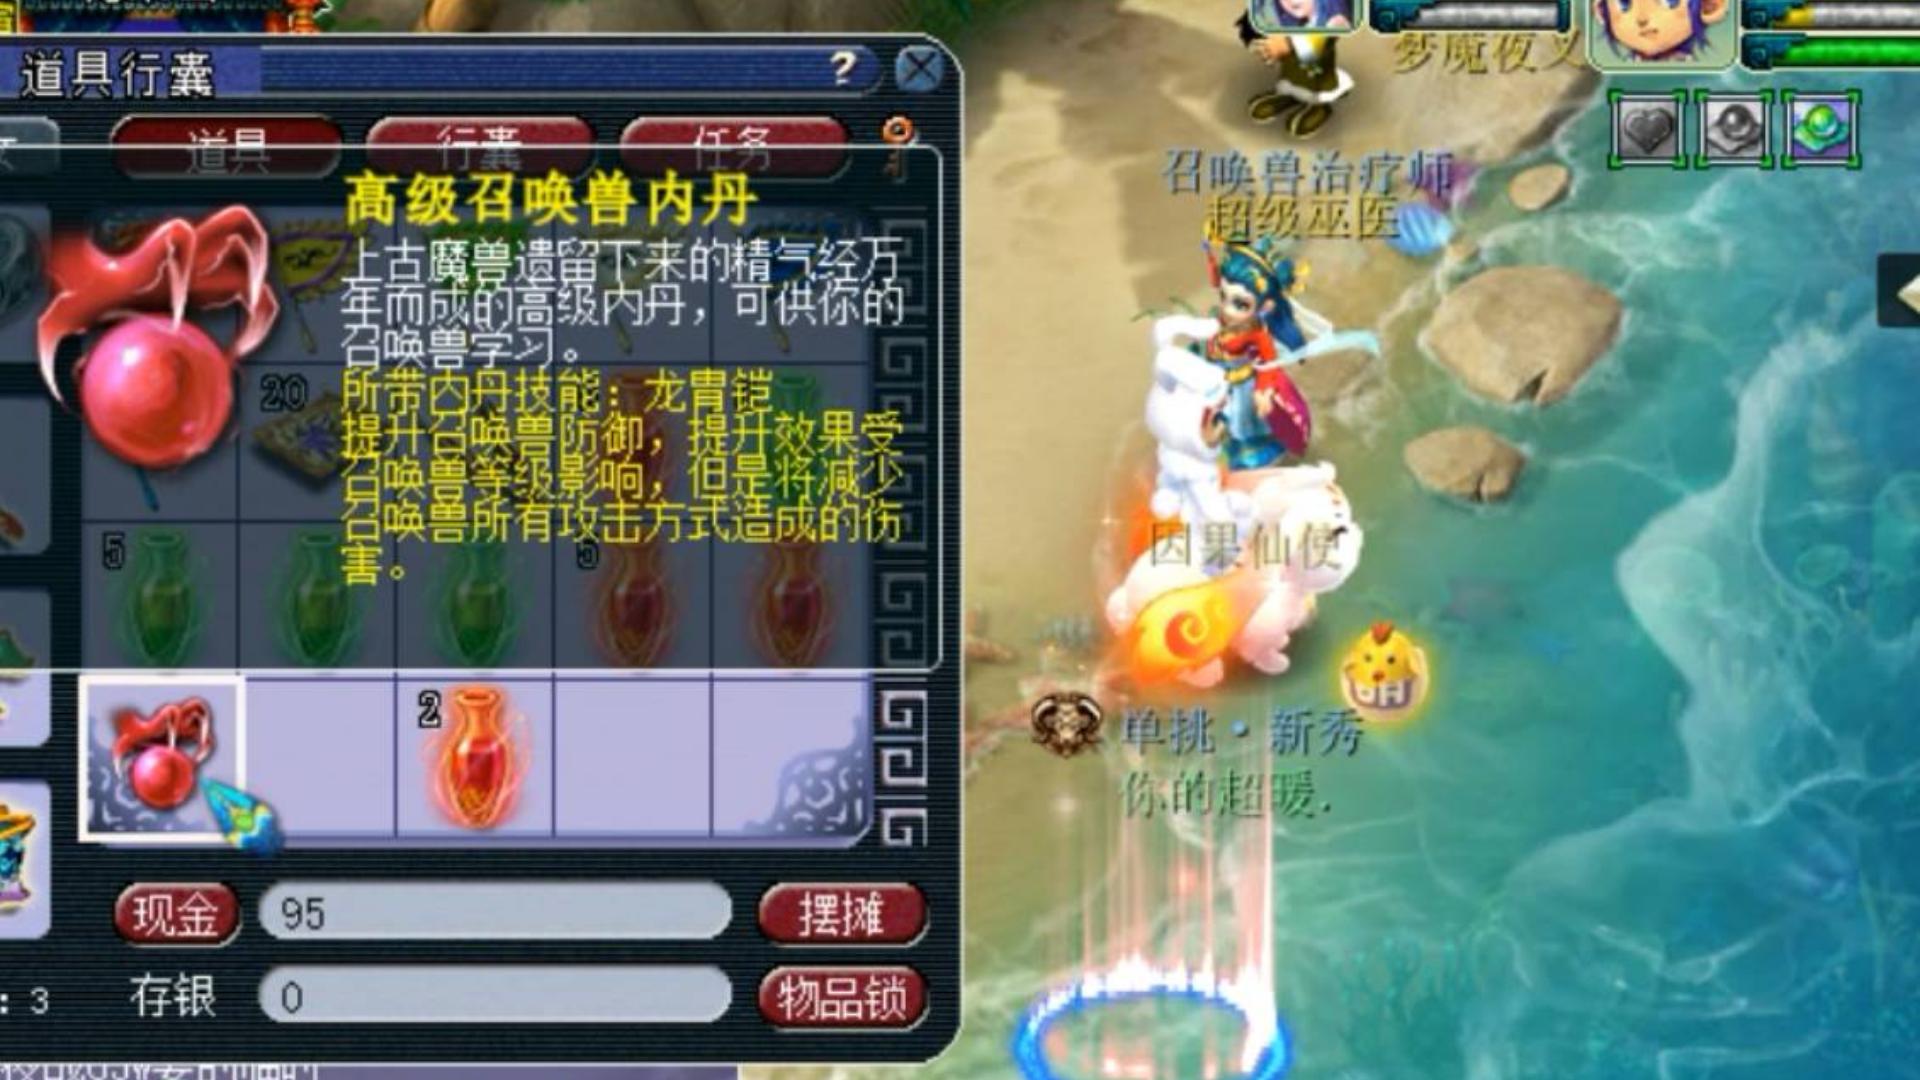 梦幻西游:三千万梦幻币,老王准备多套方案逆袭,看看能否成功?